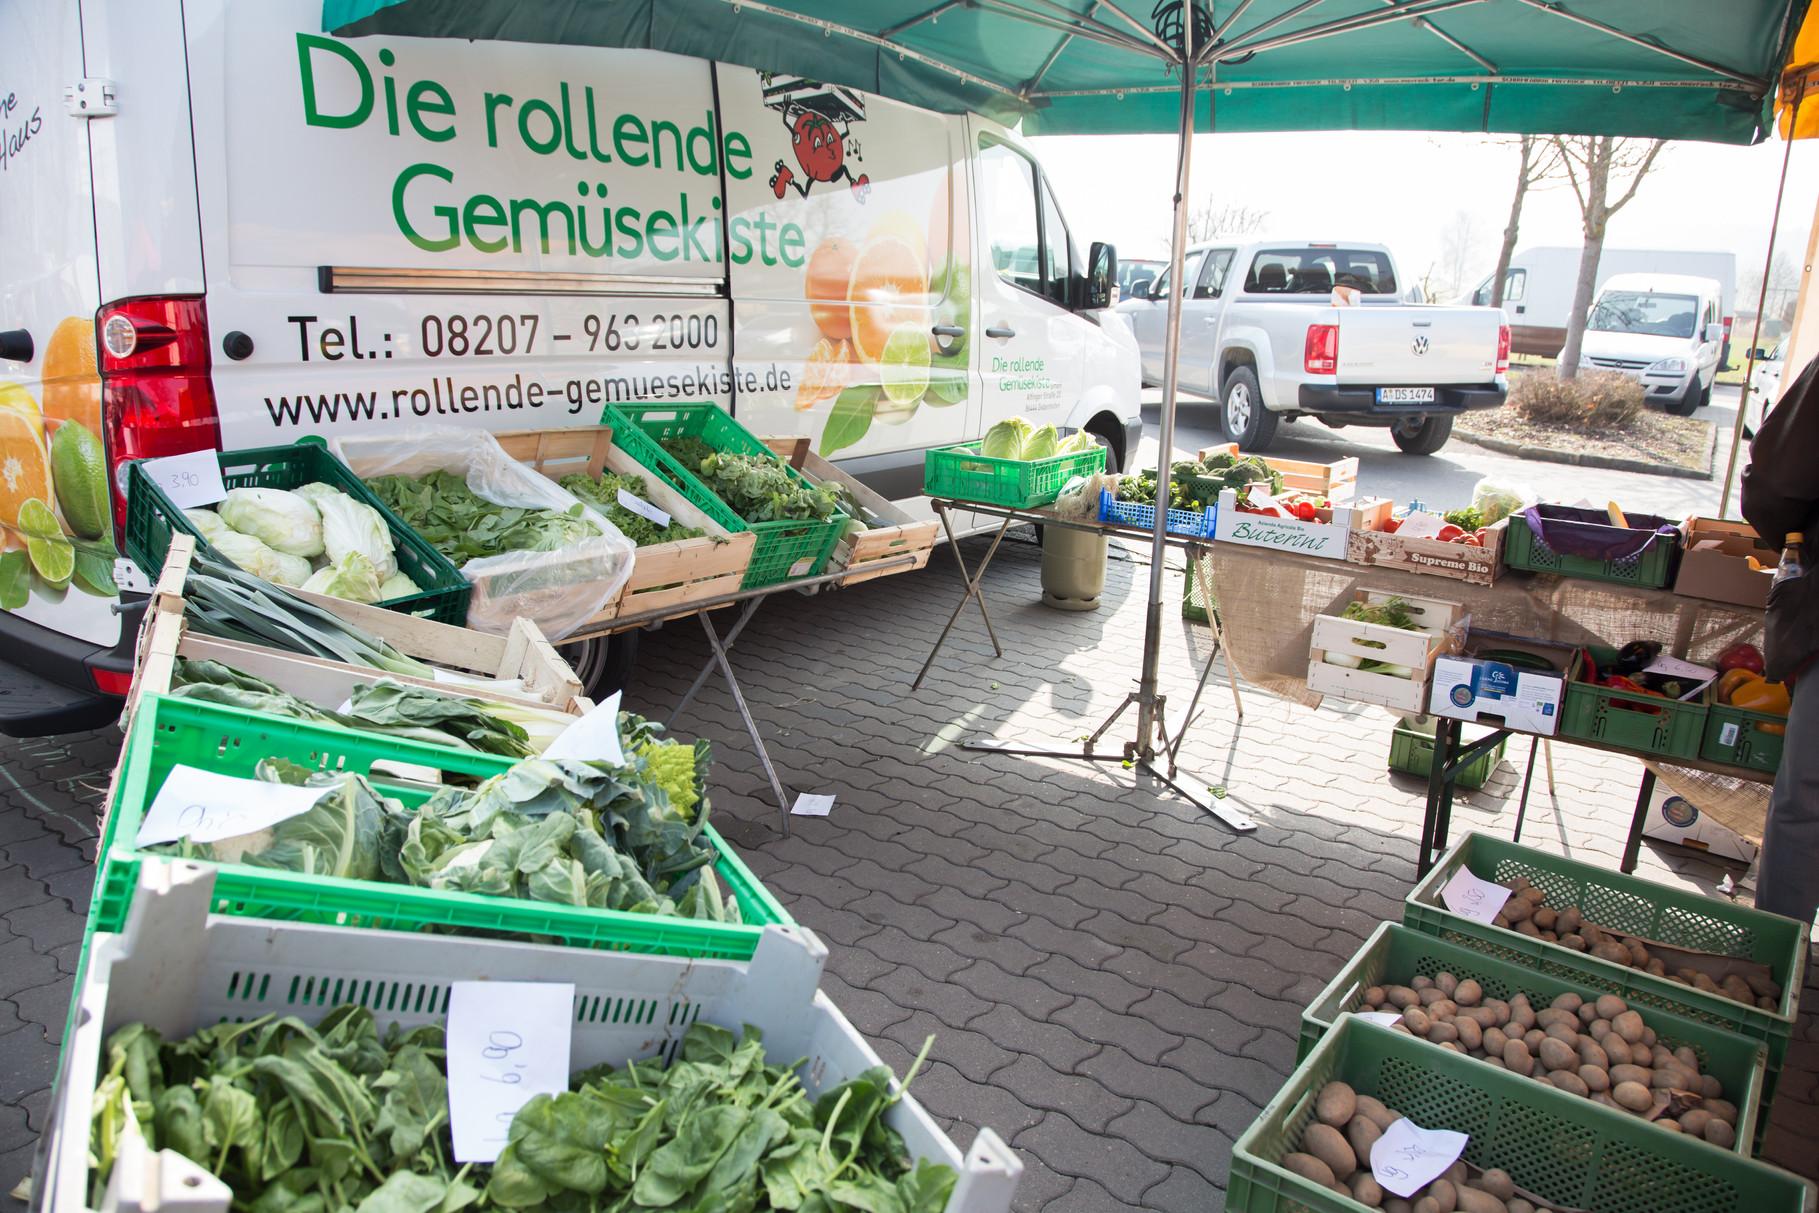 Die rollende Gemüsekiste mit überreichem Angebot